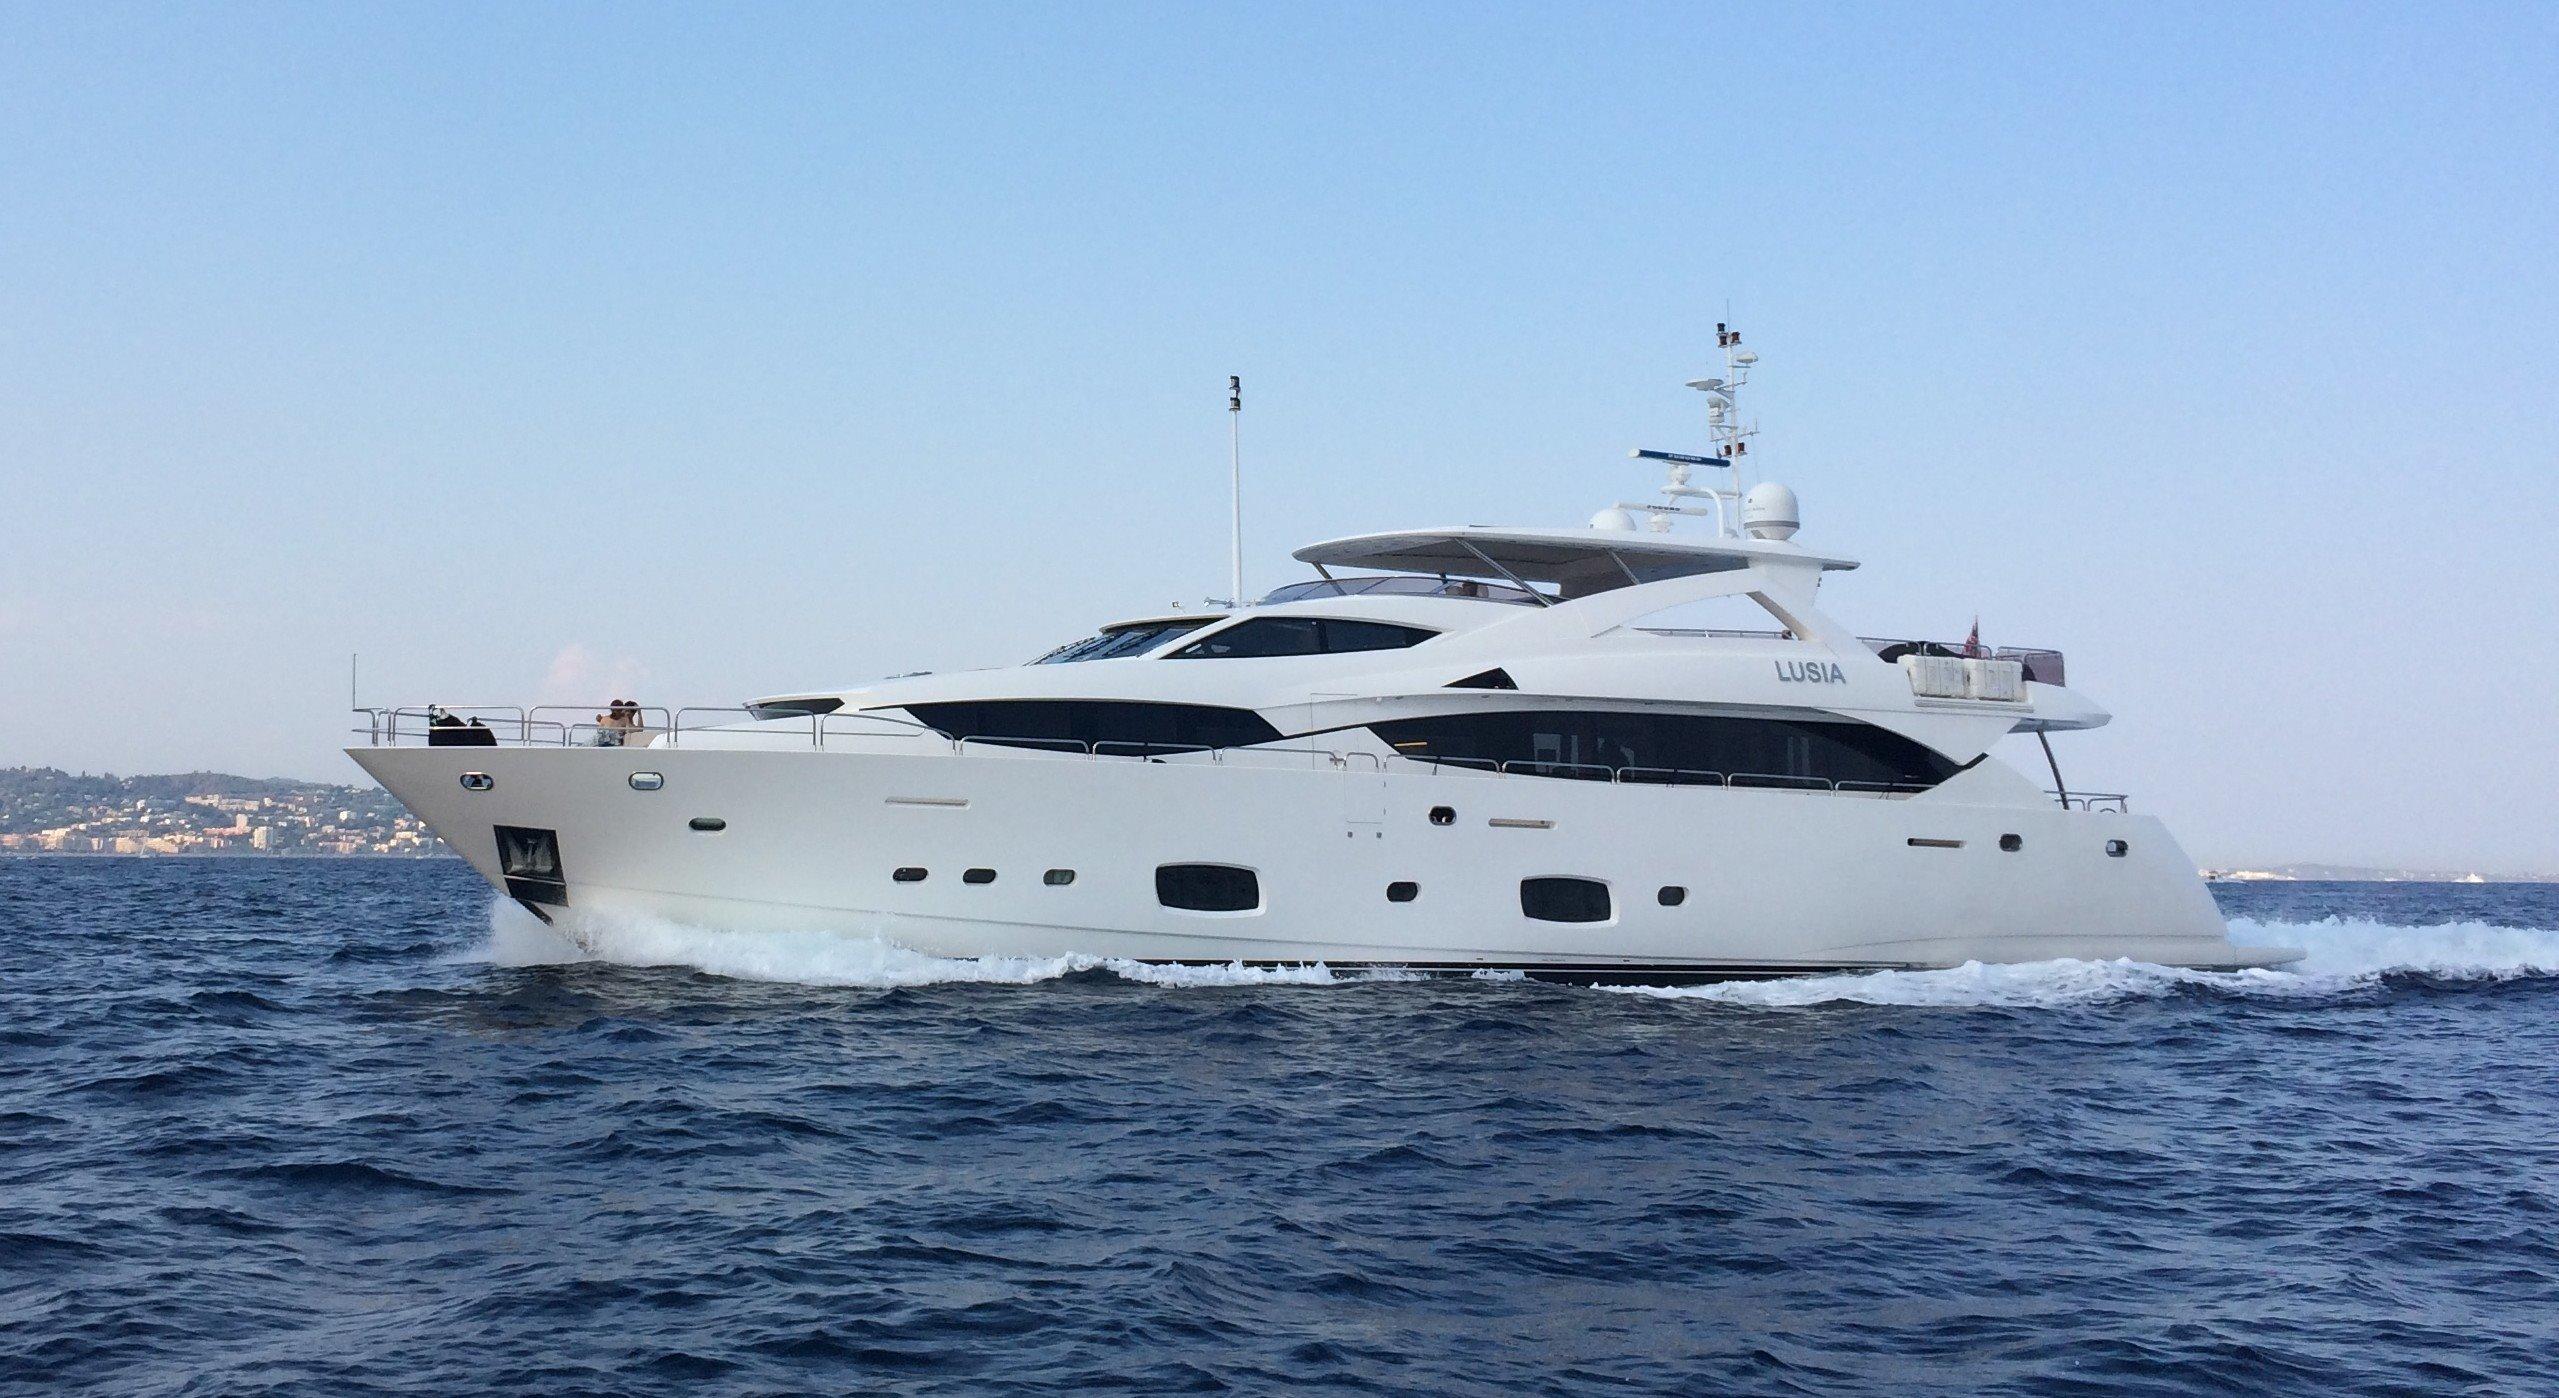 2011 Sunseeker 34 Metre Yacht Power Boat For Sale Www